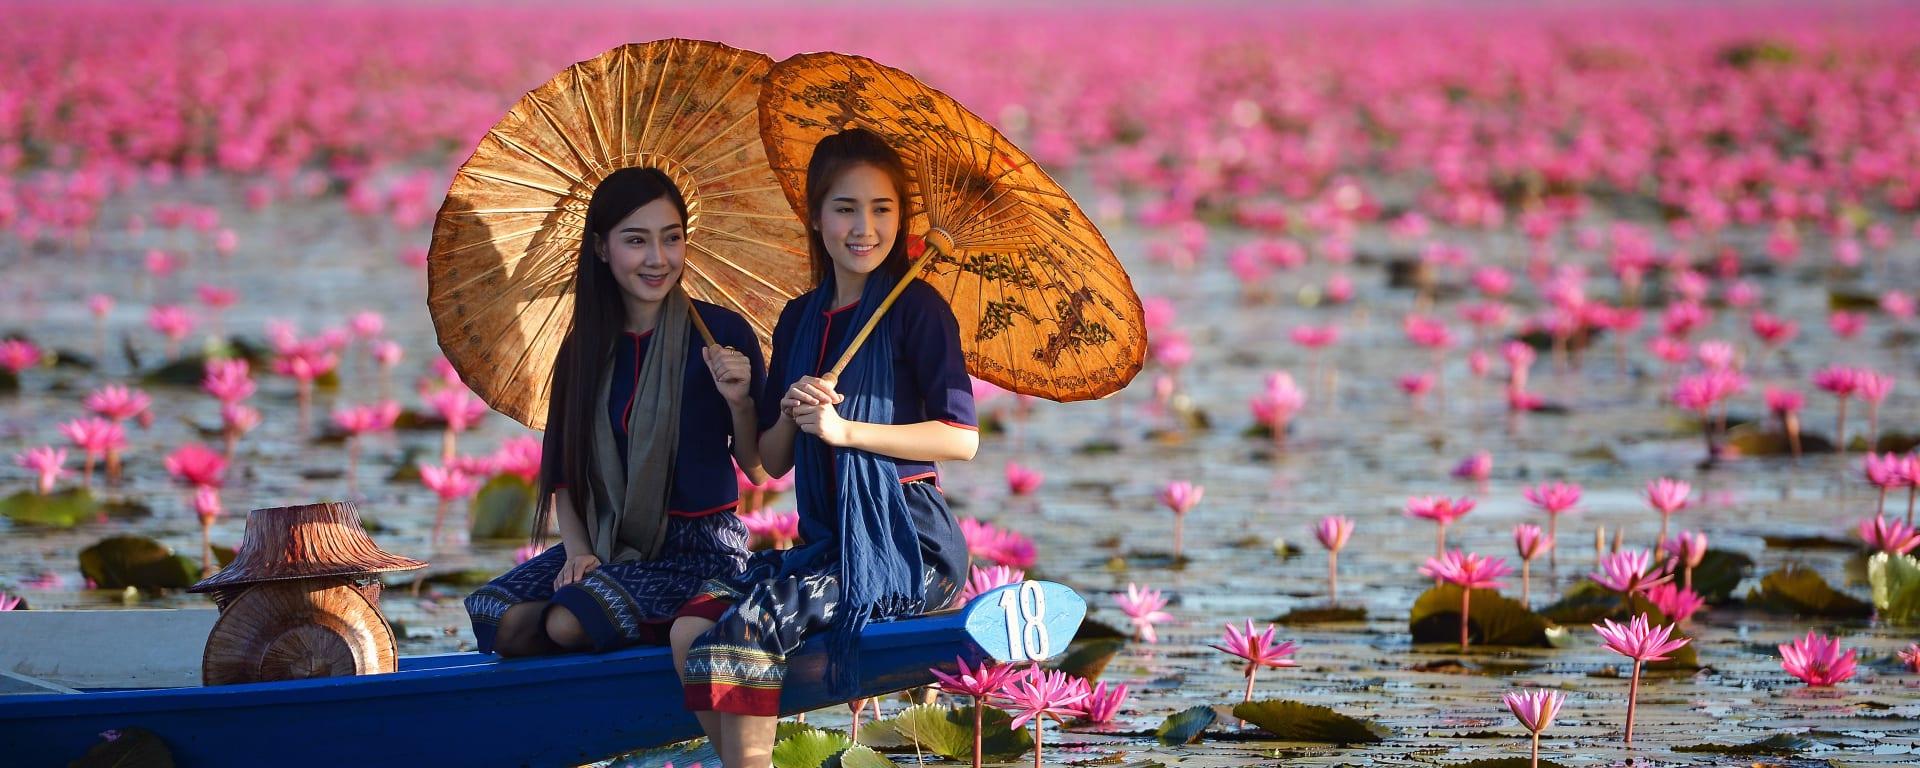 Laos entdecken mit Tischler Reisen: Laos Seerosenteich Frauen im Boot